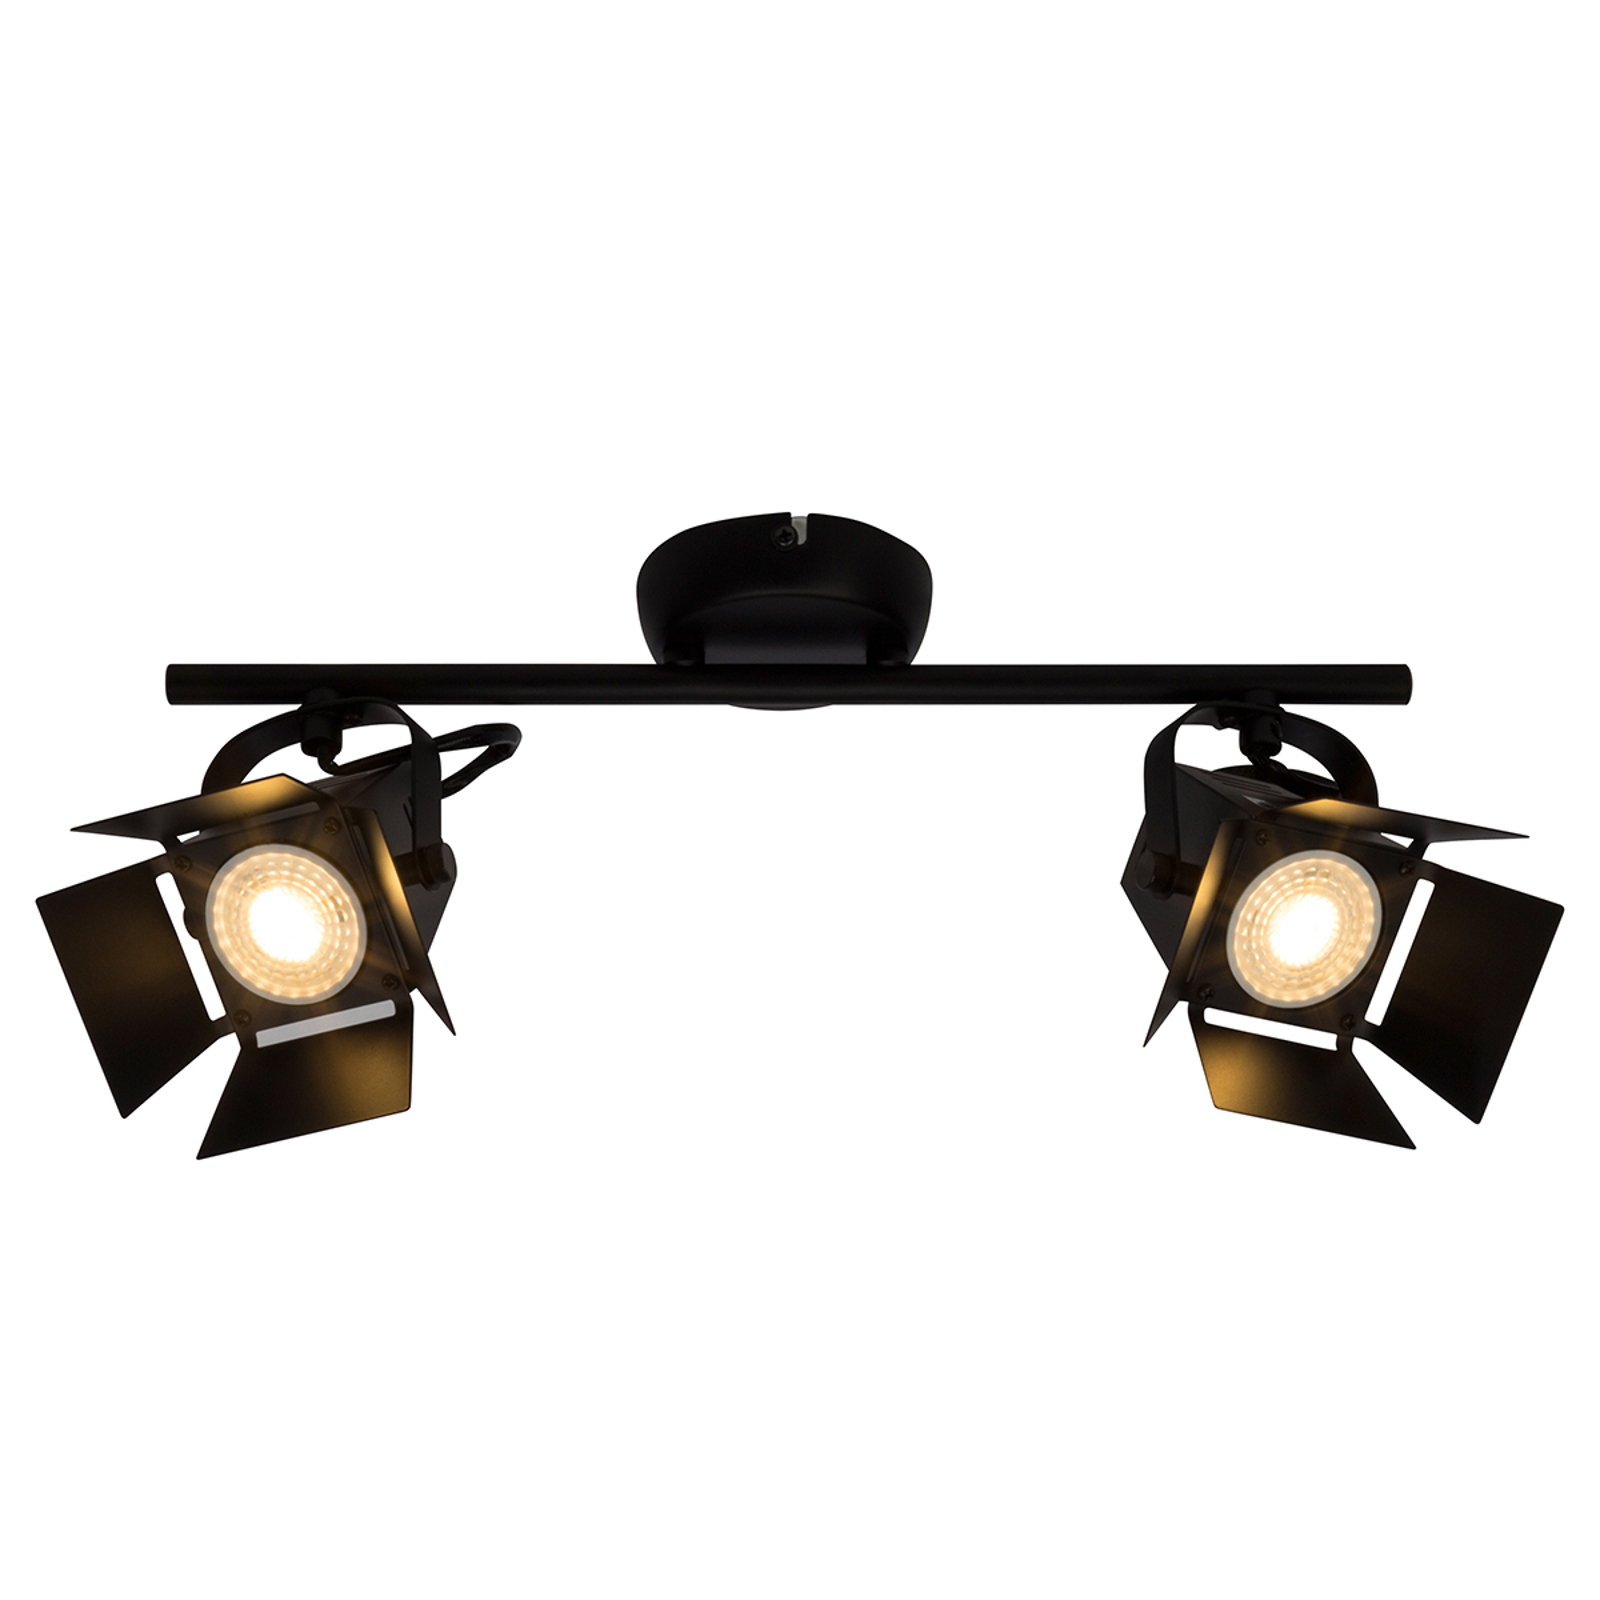 2-flammige LED-Spot-Deckenleuchte Movie, schwarz